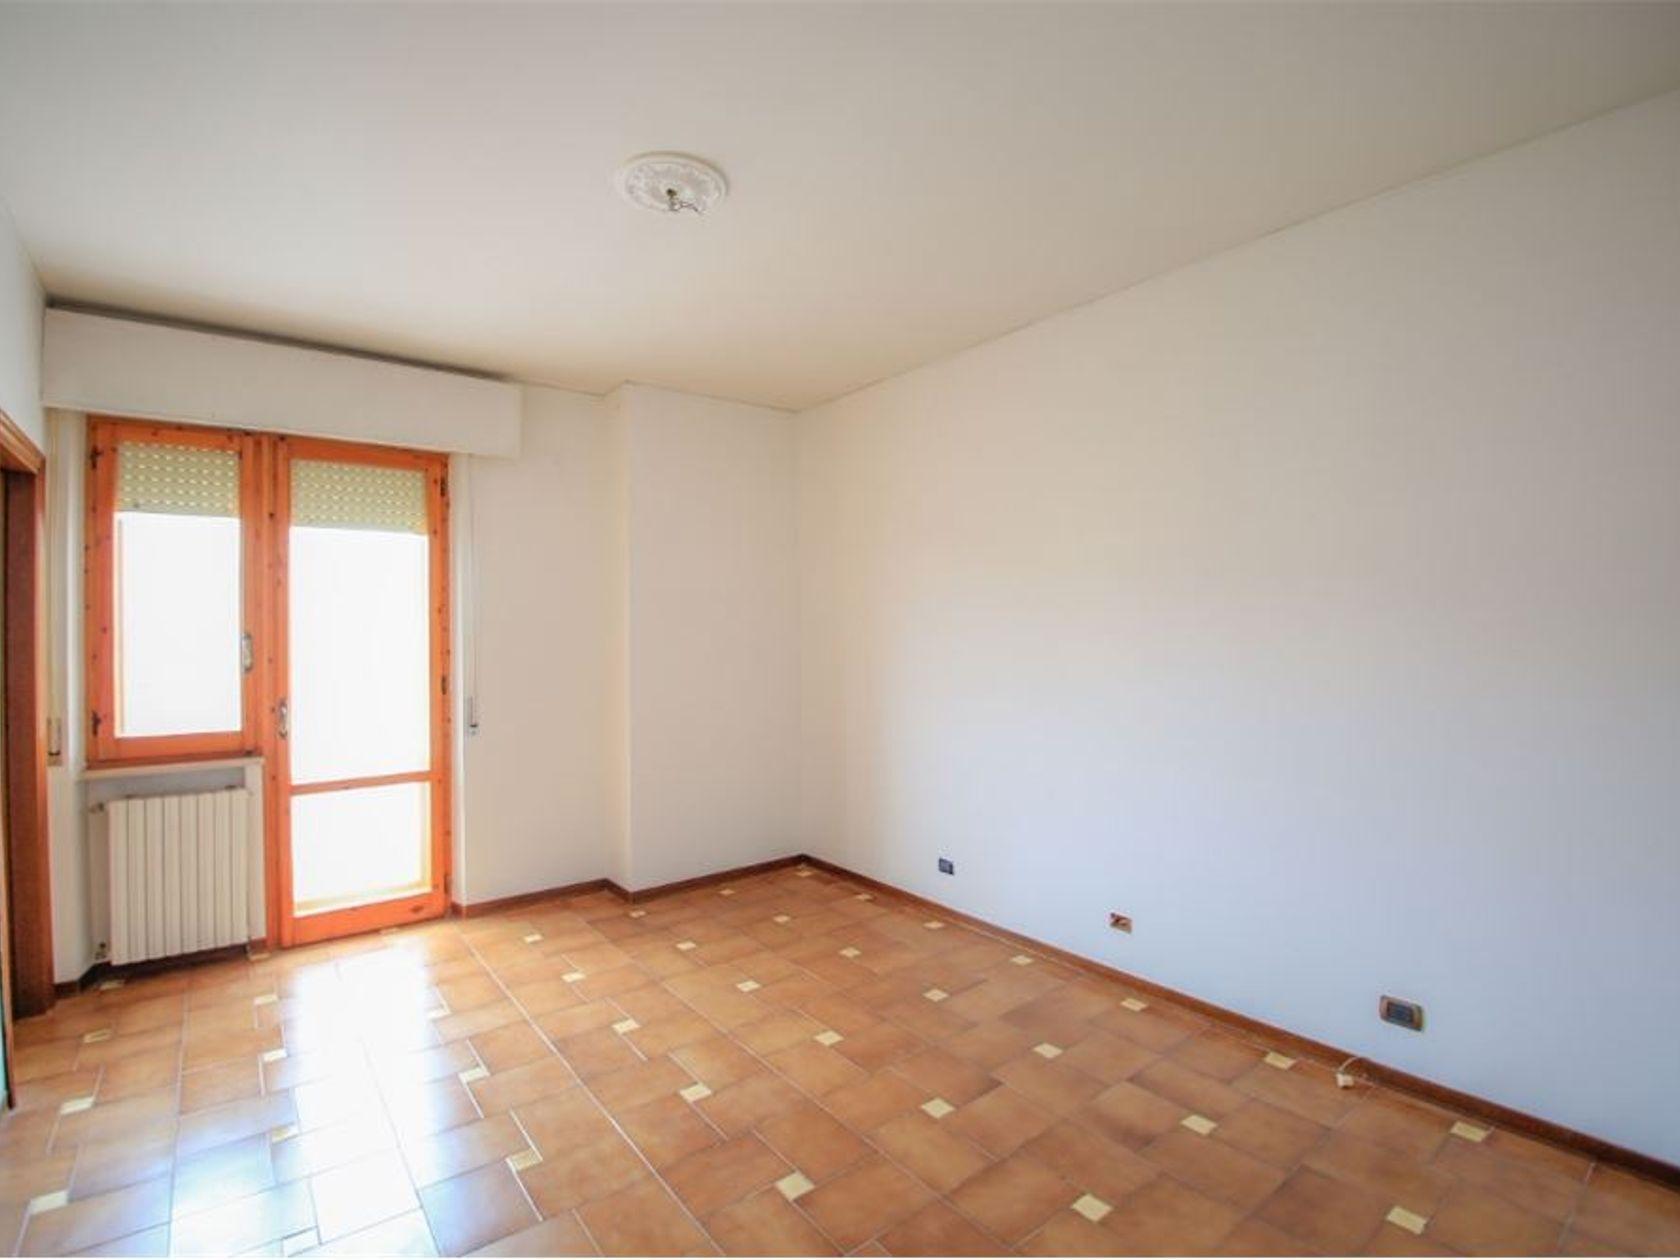 Appartamento Chieti, CH Vendita - Foto 16